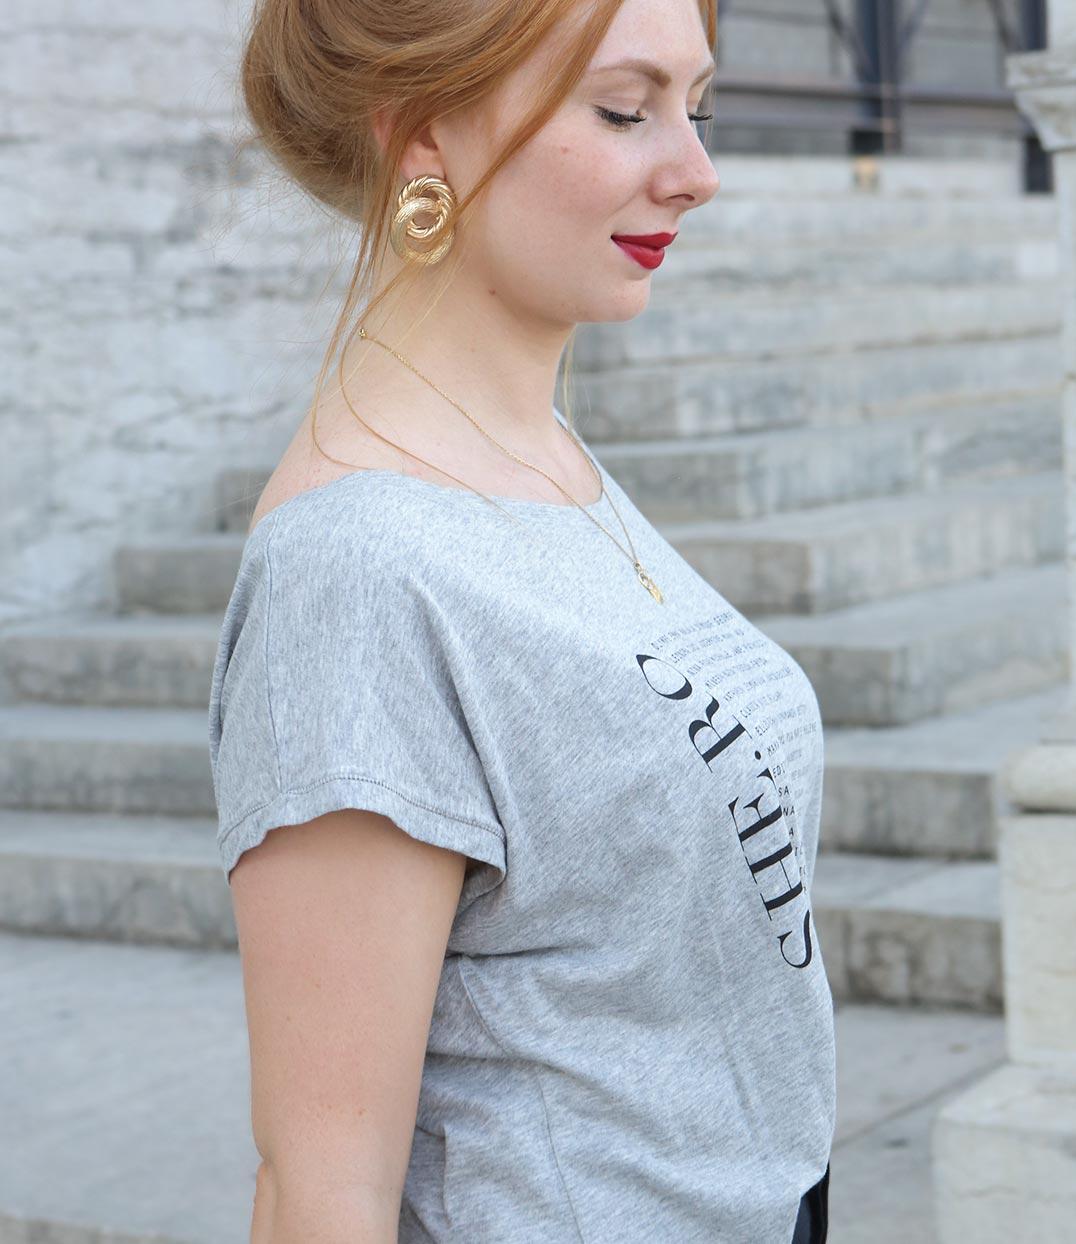 femme rousse de profil portant un tshirt gris loose feministe leonor roversi